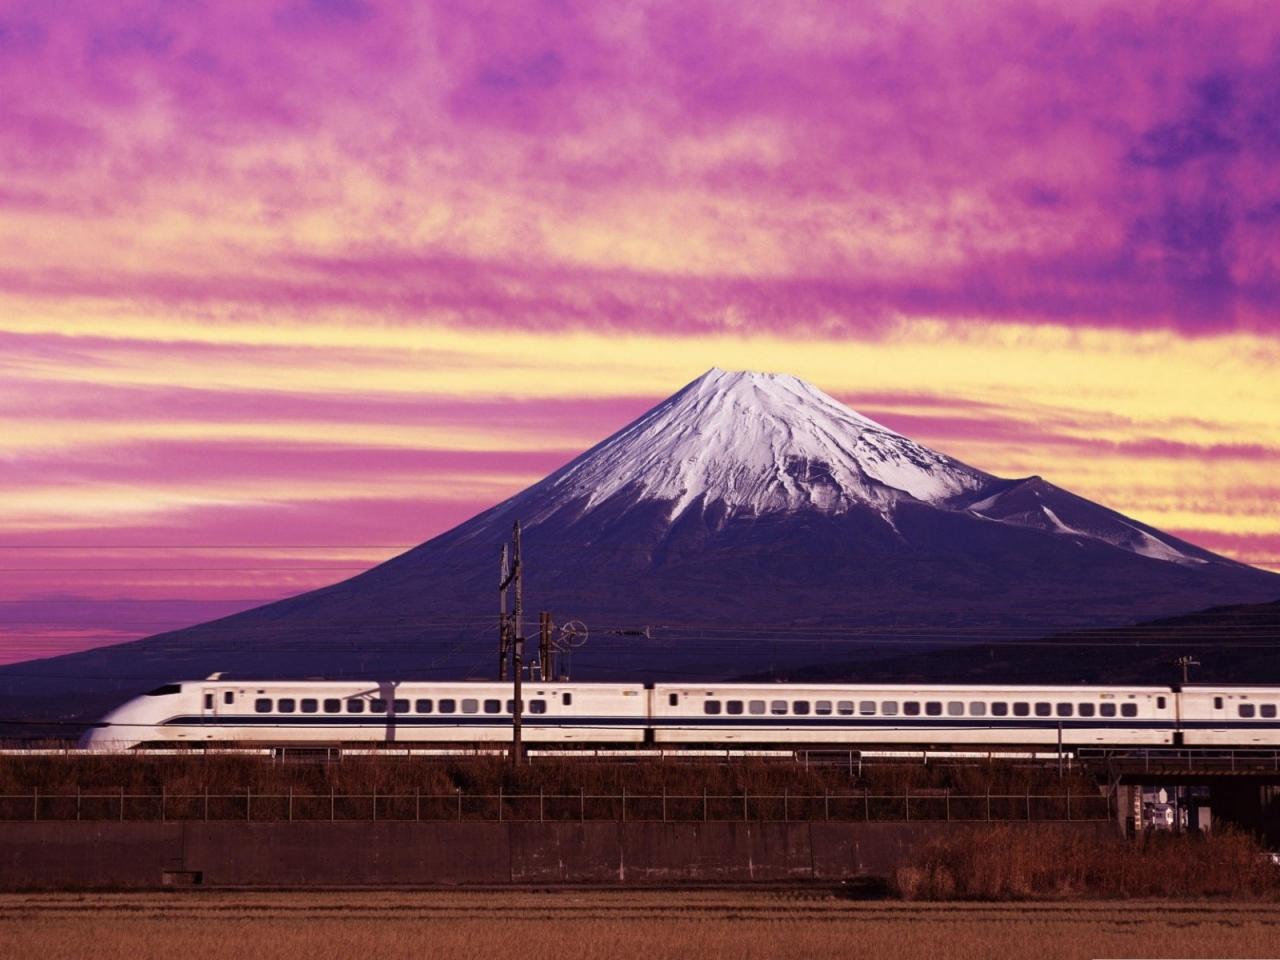 Un tren y una montaña - 1280x960